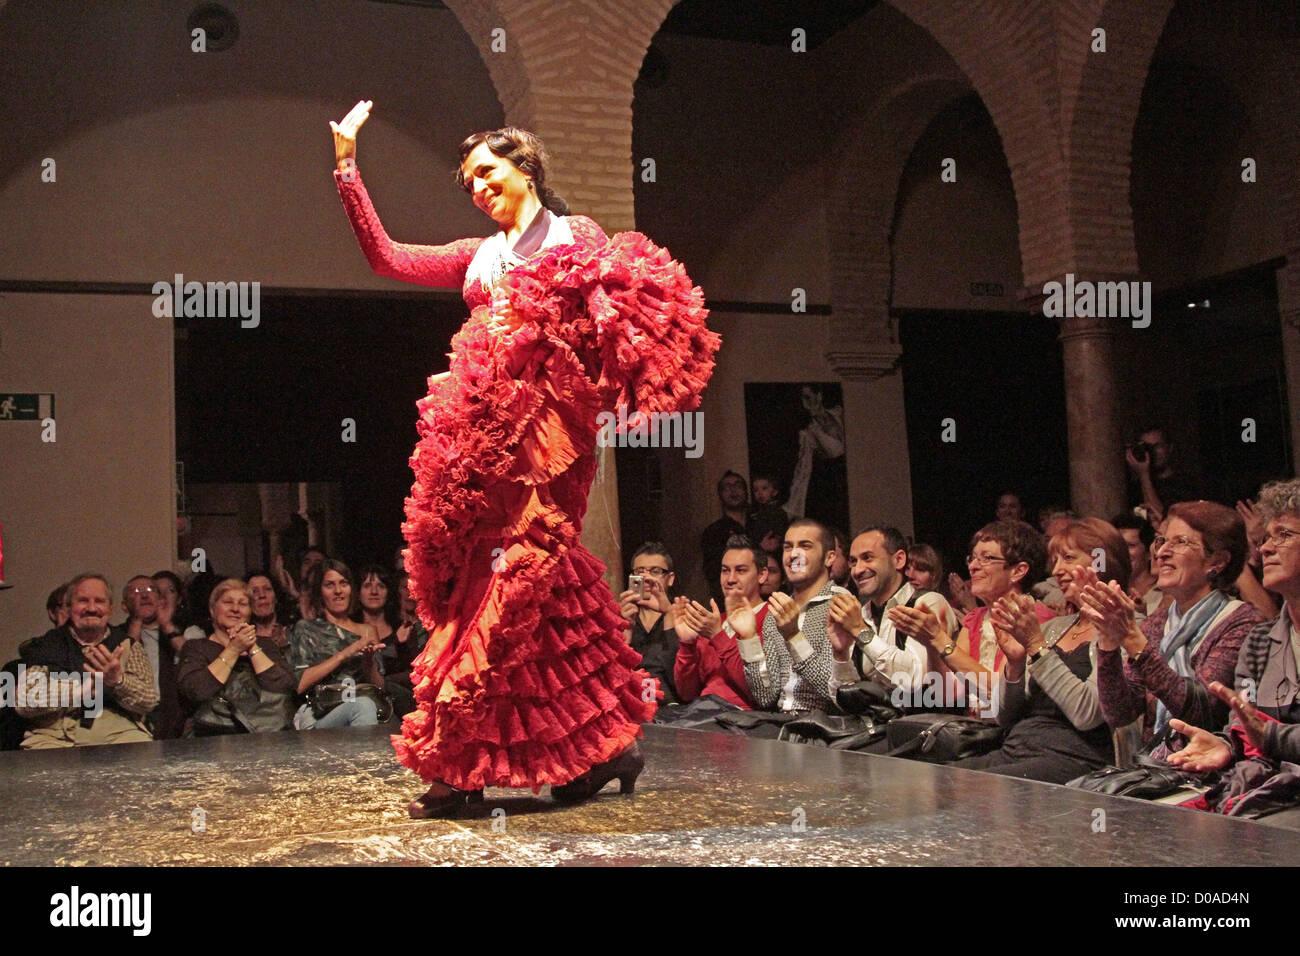 Museo Del Baile Flamenco.Espectaculo De Flamenco Museo Del Baile Flamenco Museo De Arte